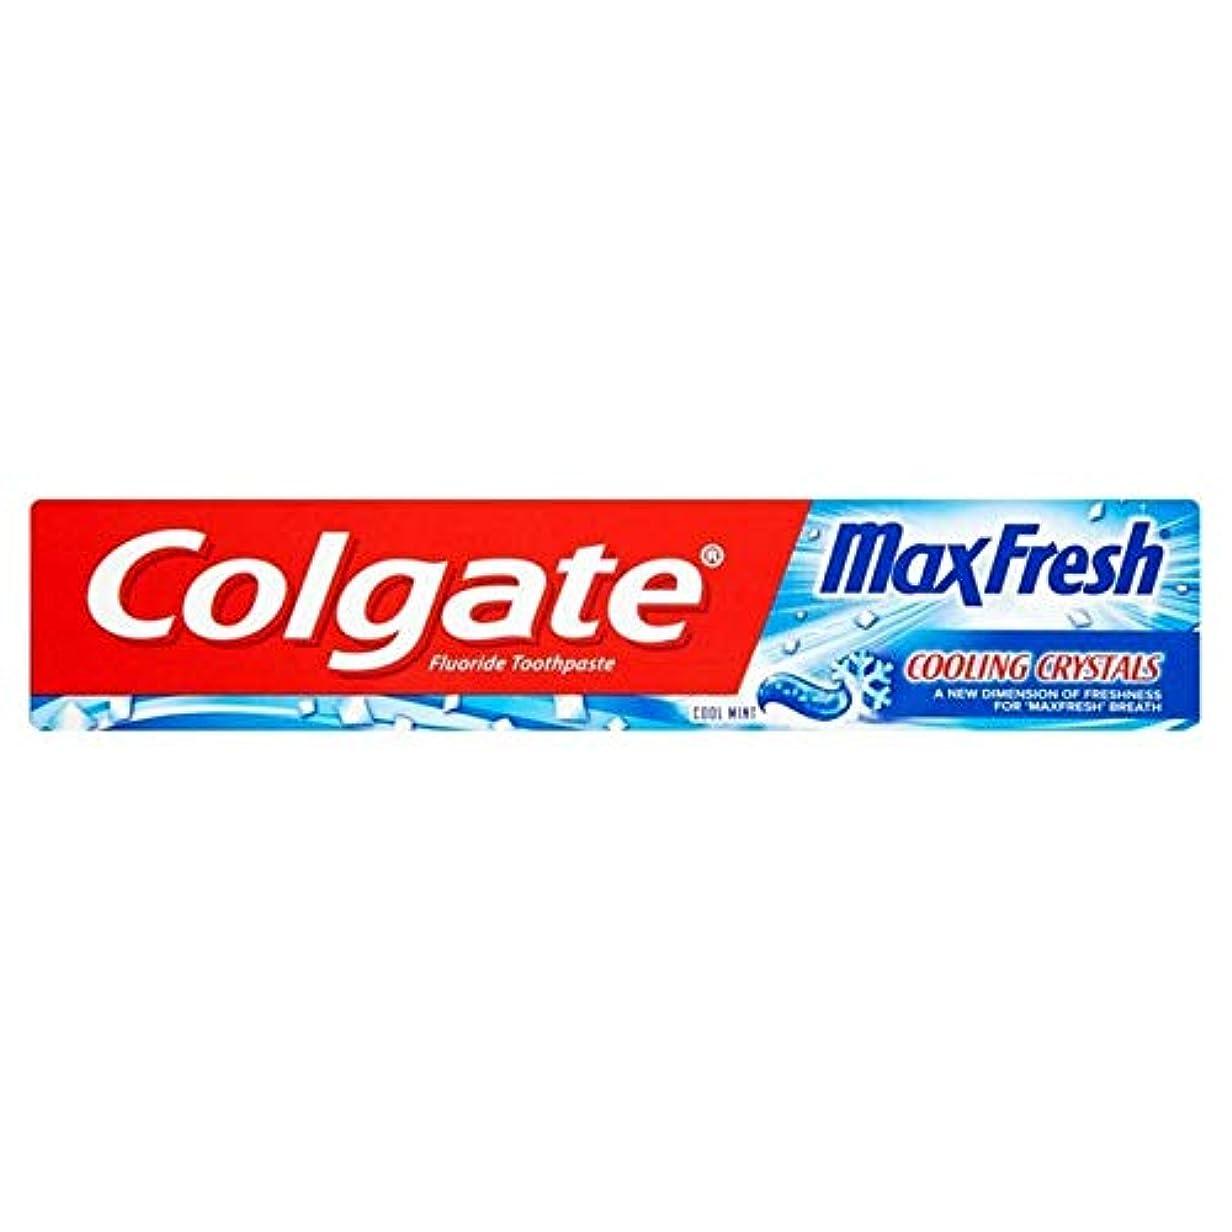 岸補う穏やかな[Colgate ] 冷却結晶歯磨き粉75ミリリットル新鮮なコルゲートマックス - Colgate Max Fresh with Cooling Crystals Toothpaste 75ml [並行輸入品]